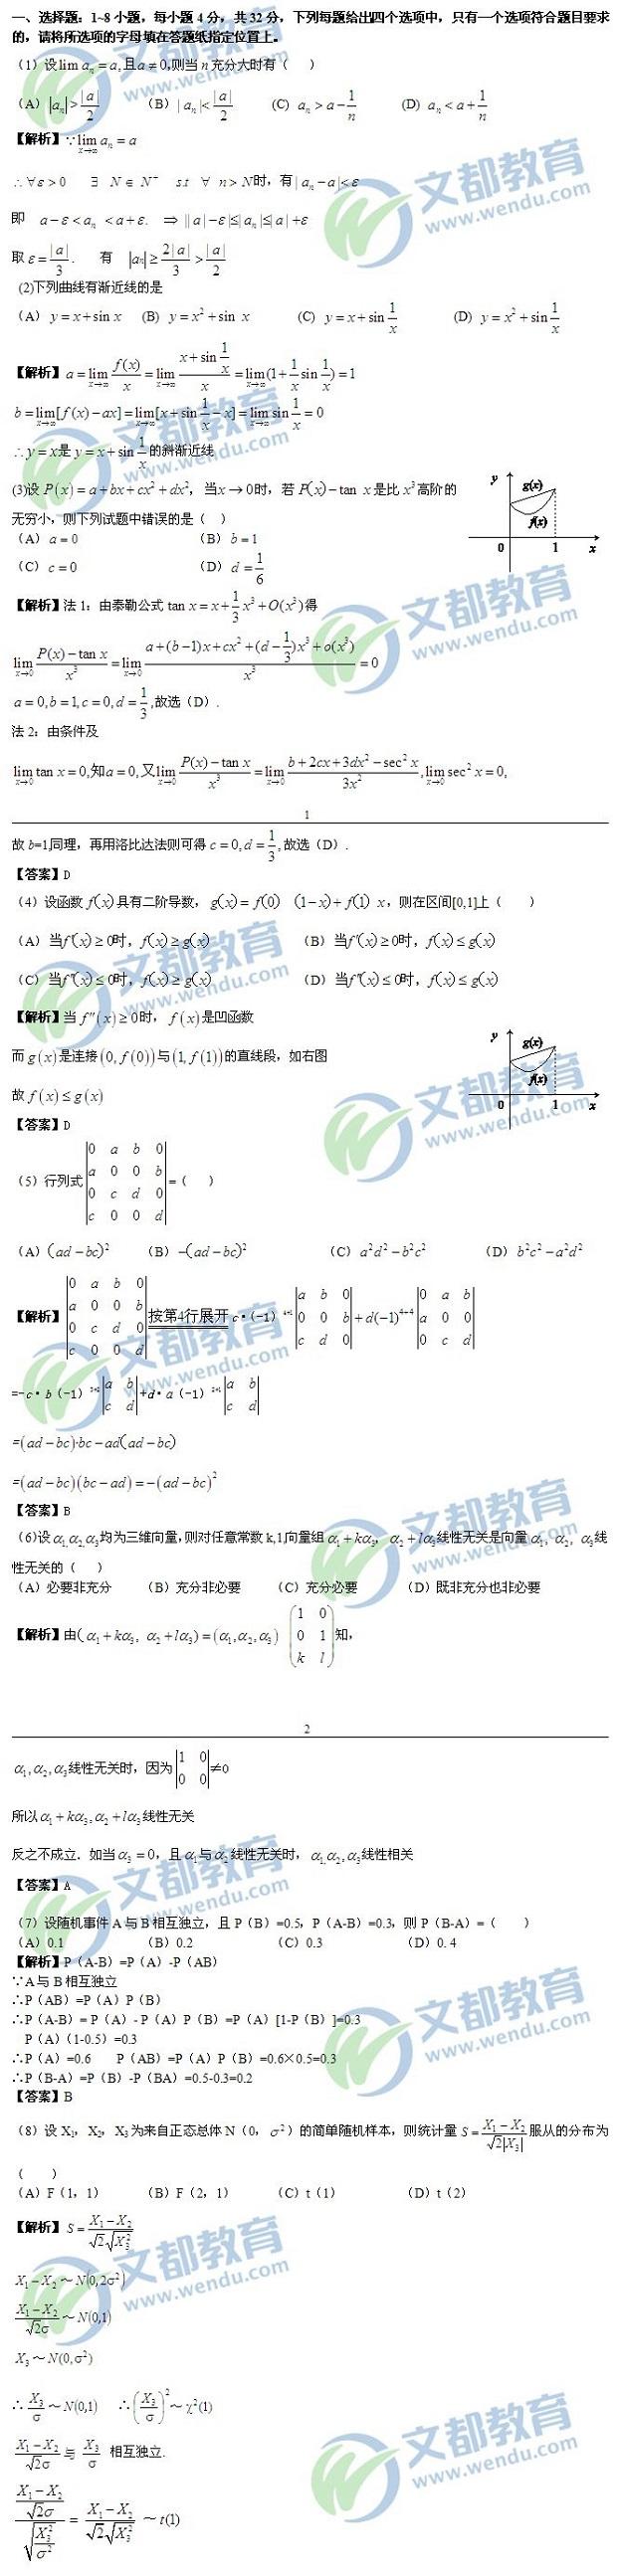 历年考研数学真题下载:2014年考研数学三真题答案